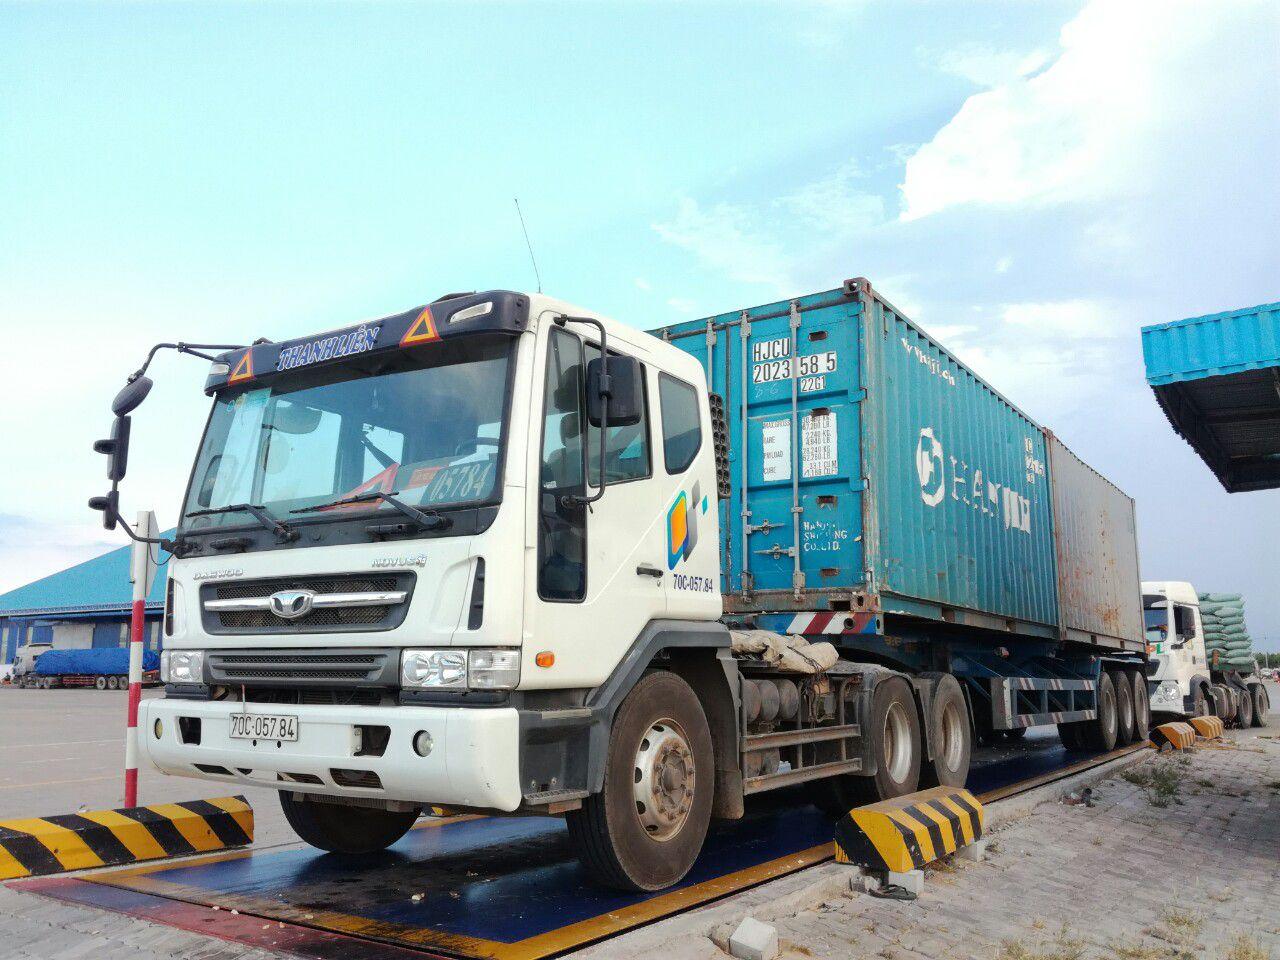 Dịch vụ vận chuyển hàng đi Campuchia nhanh chóng - giá rẻ